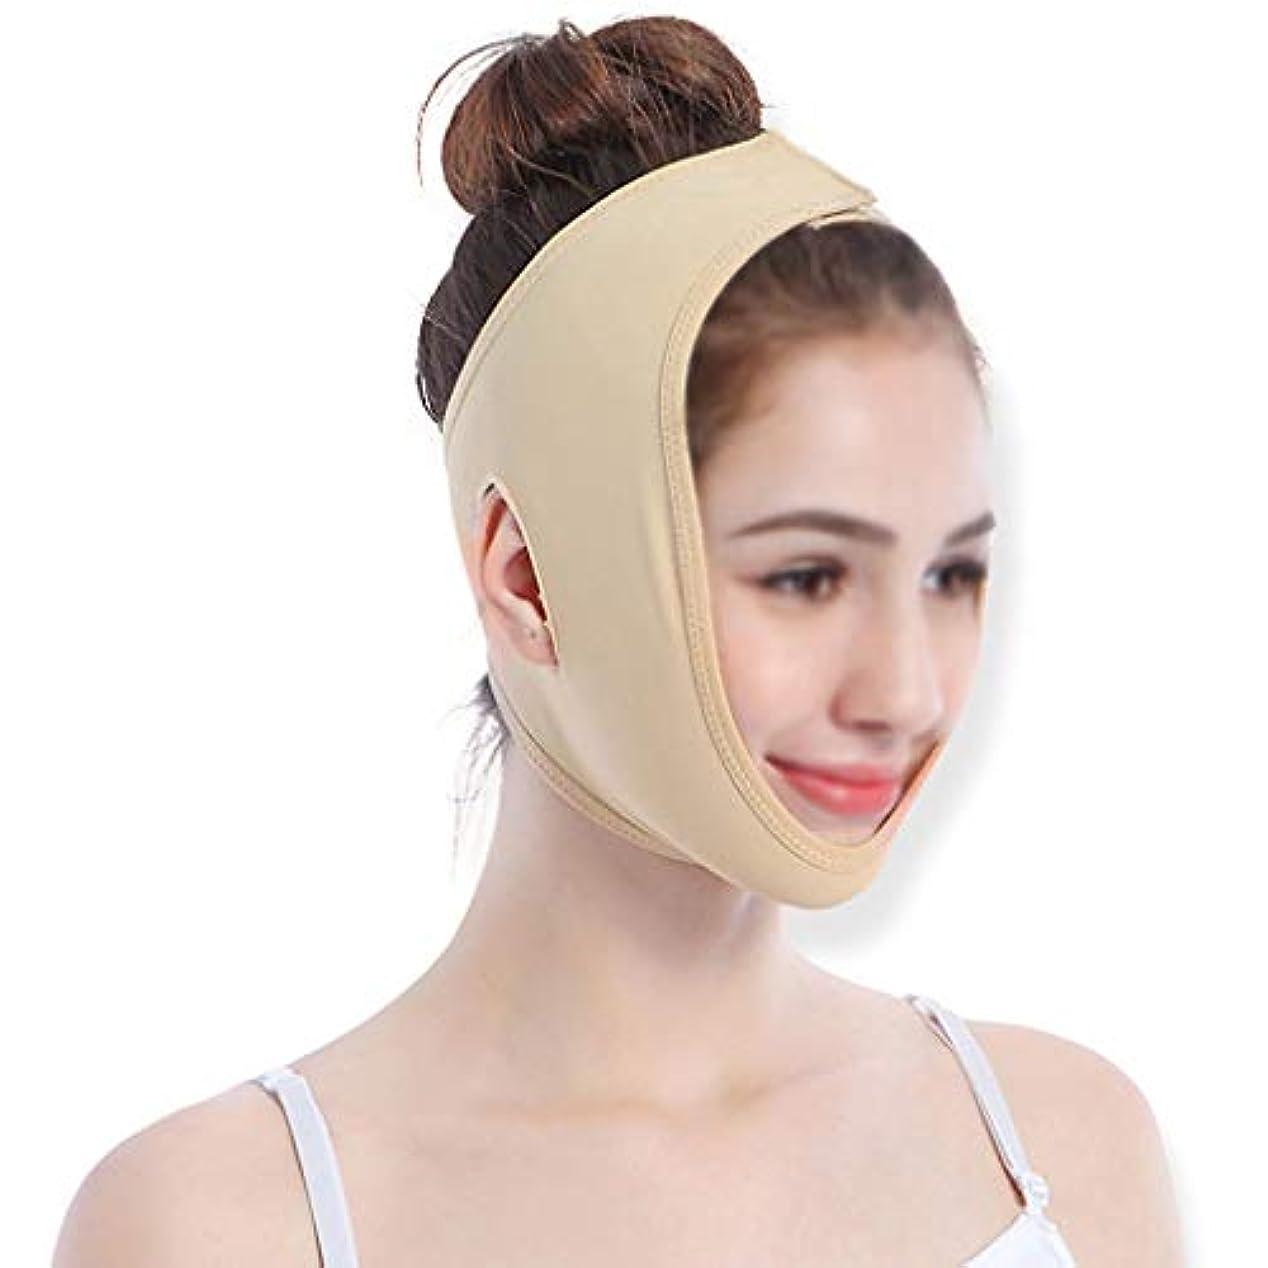 電信いくつかの絶滅GLJJQMY スリムな包帯V顔の顔のアーティファクトは、女性と女性のための繊細な顔のしわ防止フェイシャルツールを向上させます 顔用整形マスク (Size : M)